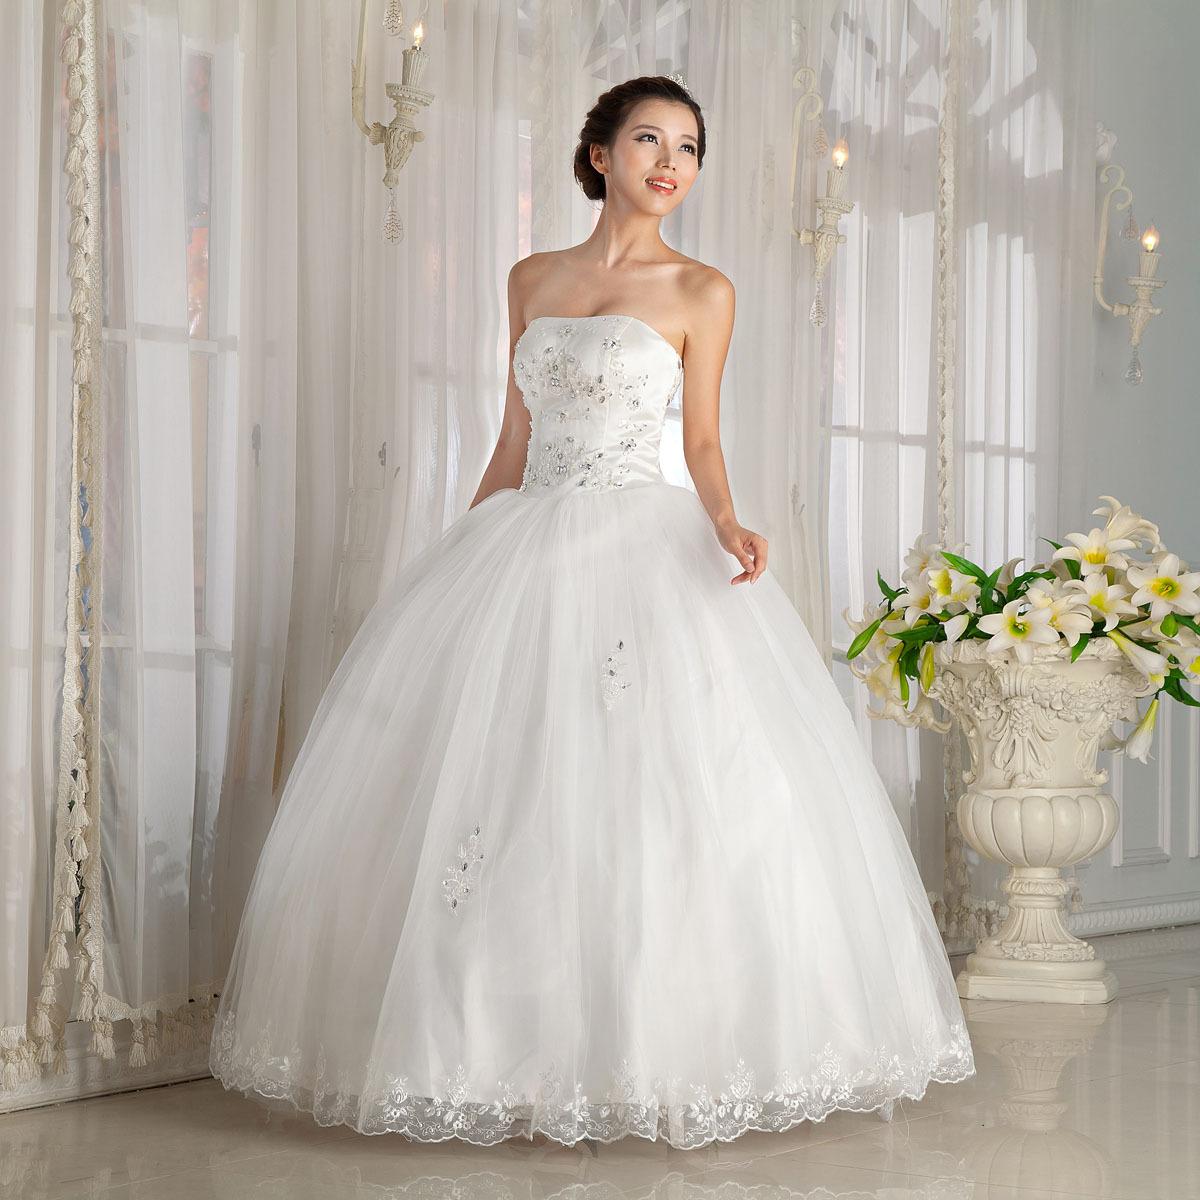 Платья Вечерние На Свадьбу М Южная